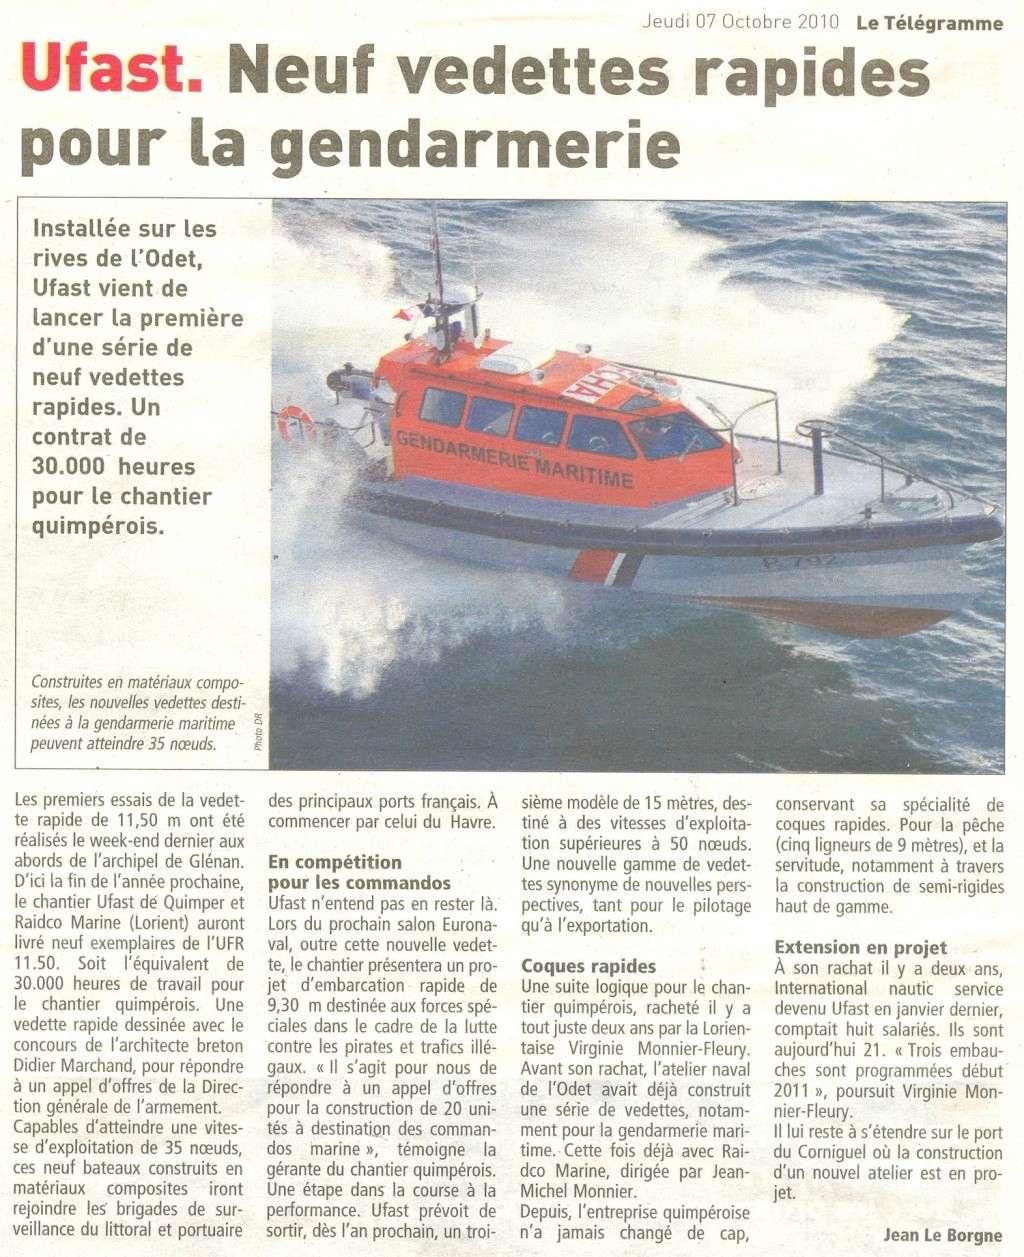 [ Divers Gendarmerie Maritime ] VEDETTES RAPIDES POUR LA GENDARMERIE Momo14